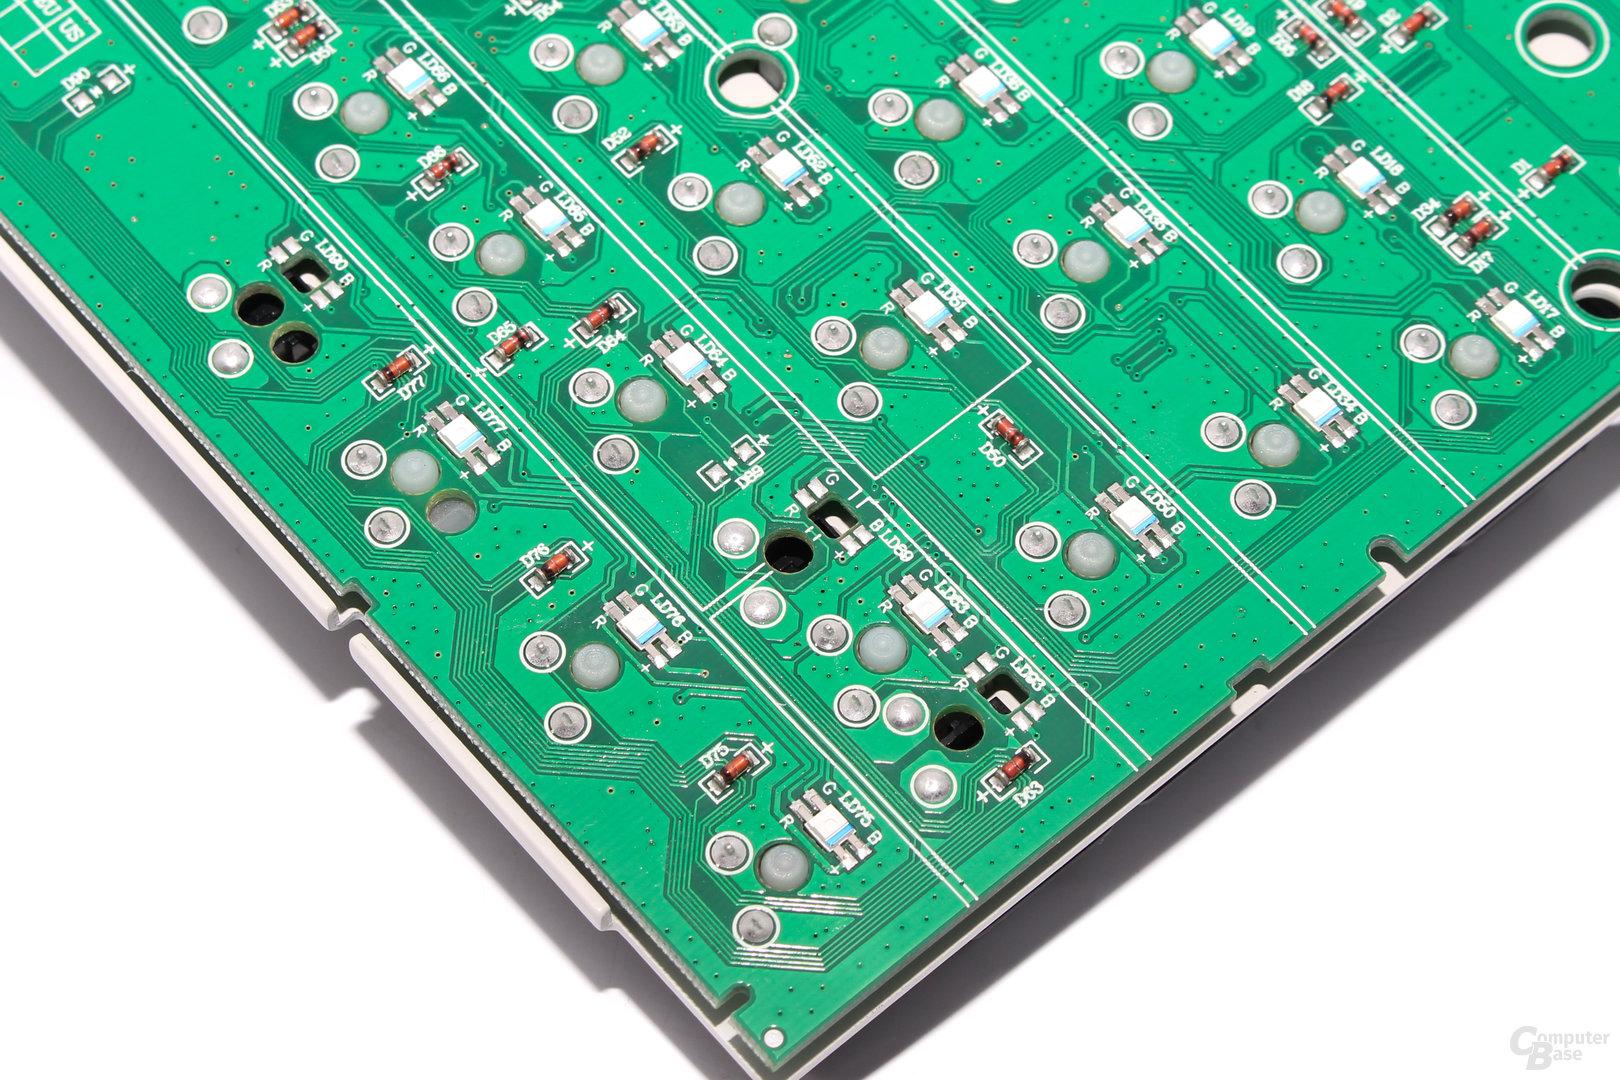 Aussparungen im PCB erlauben den Einsatz größerer LEDs